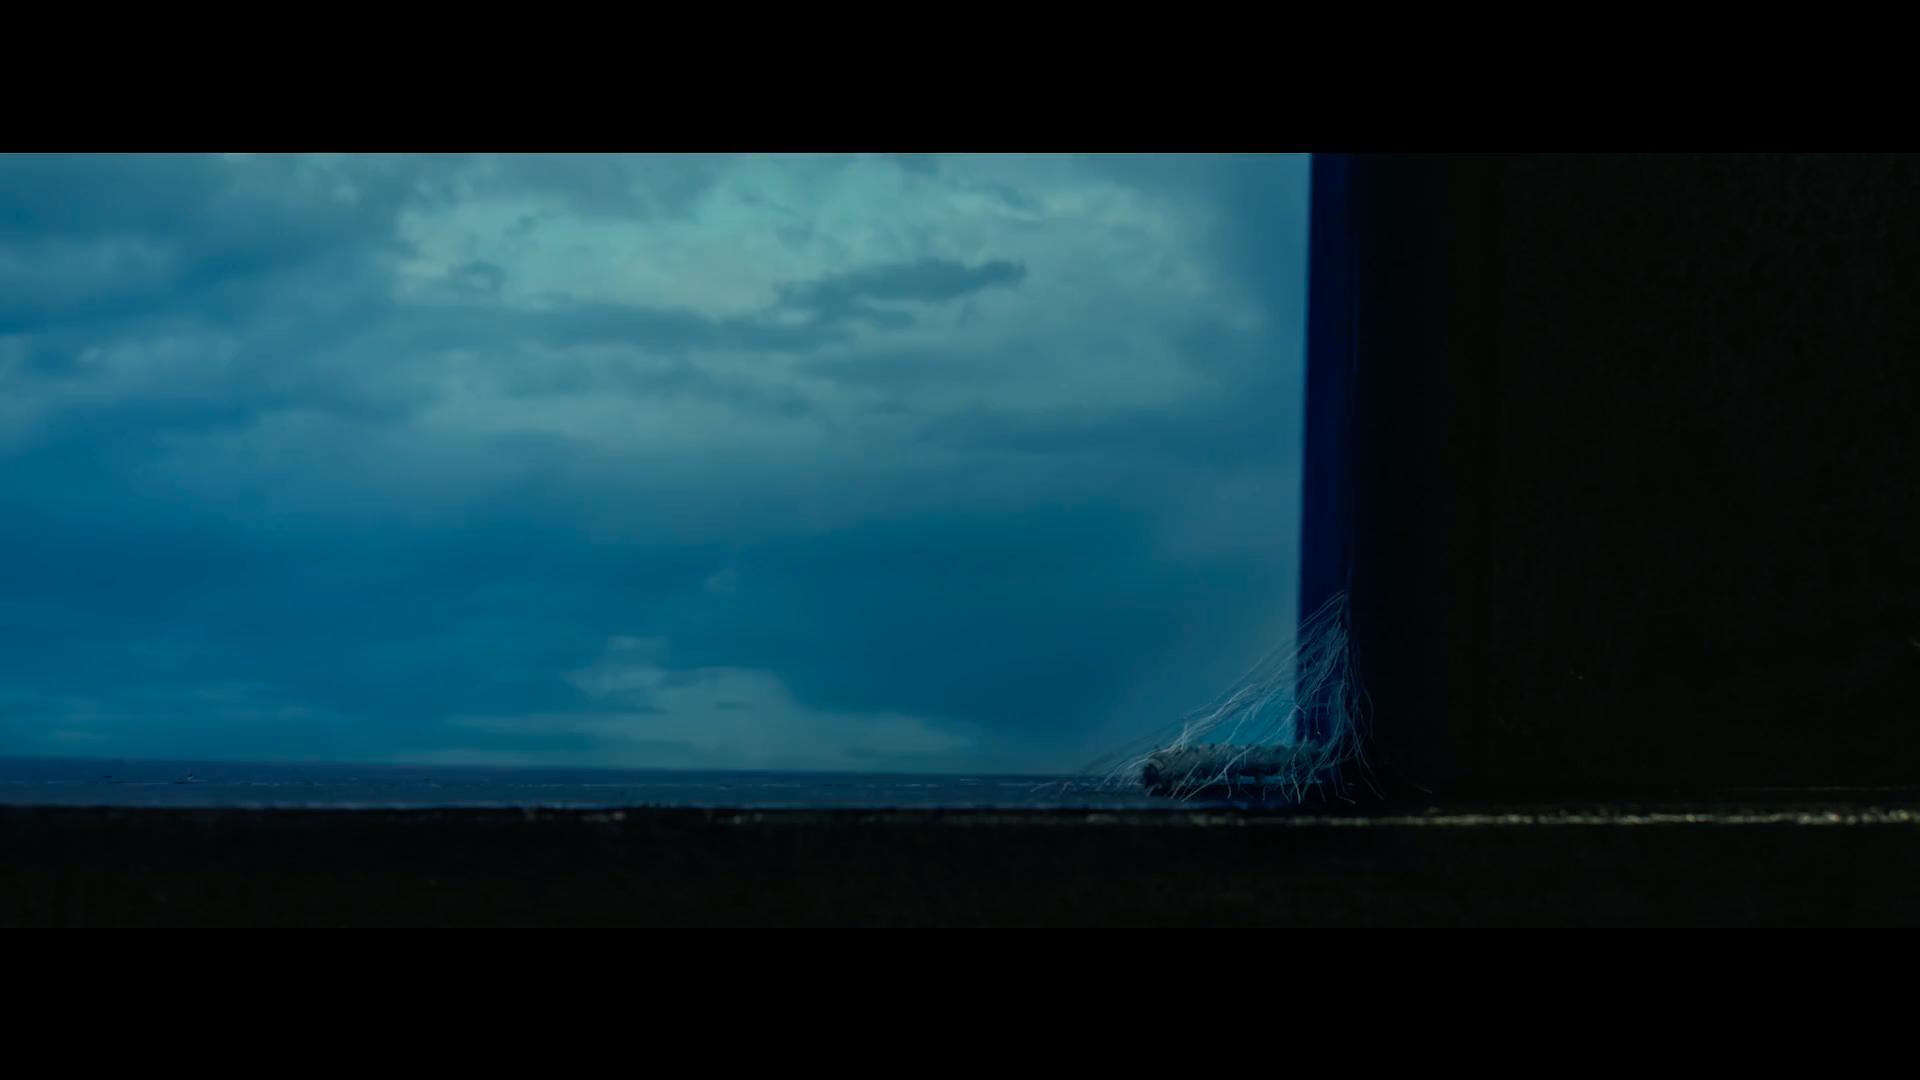 Screen Shot 2018-10-15 at 12.36.38 PM (2).png